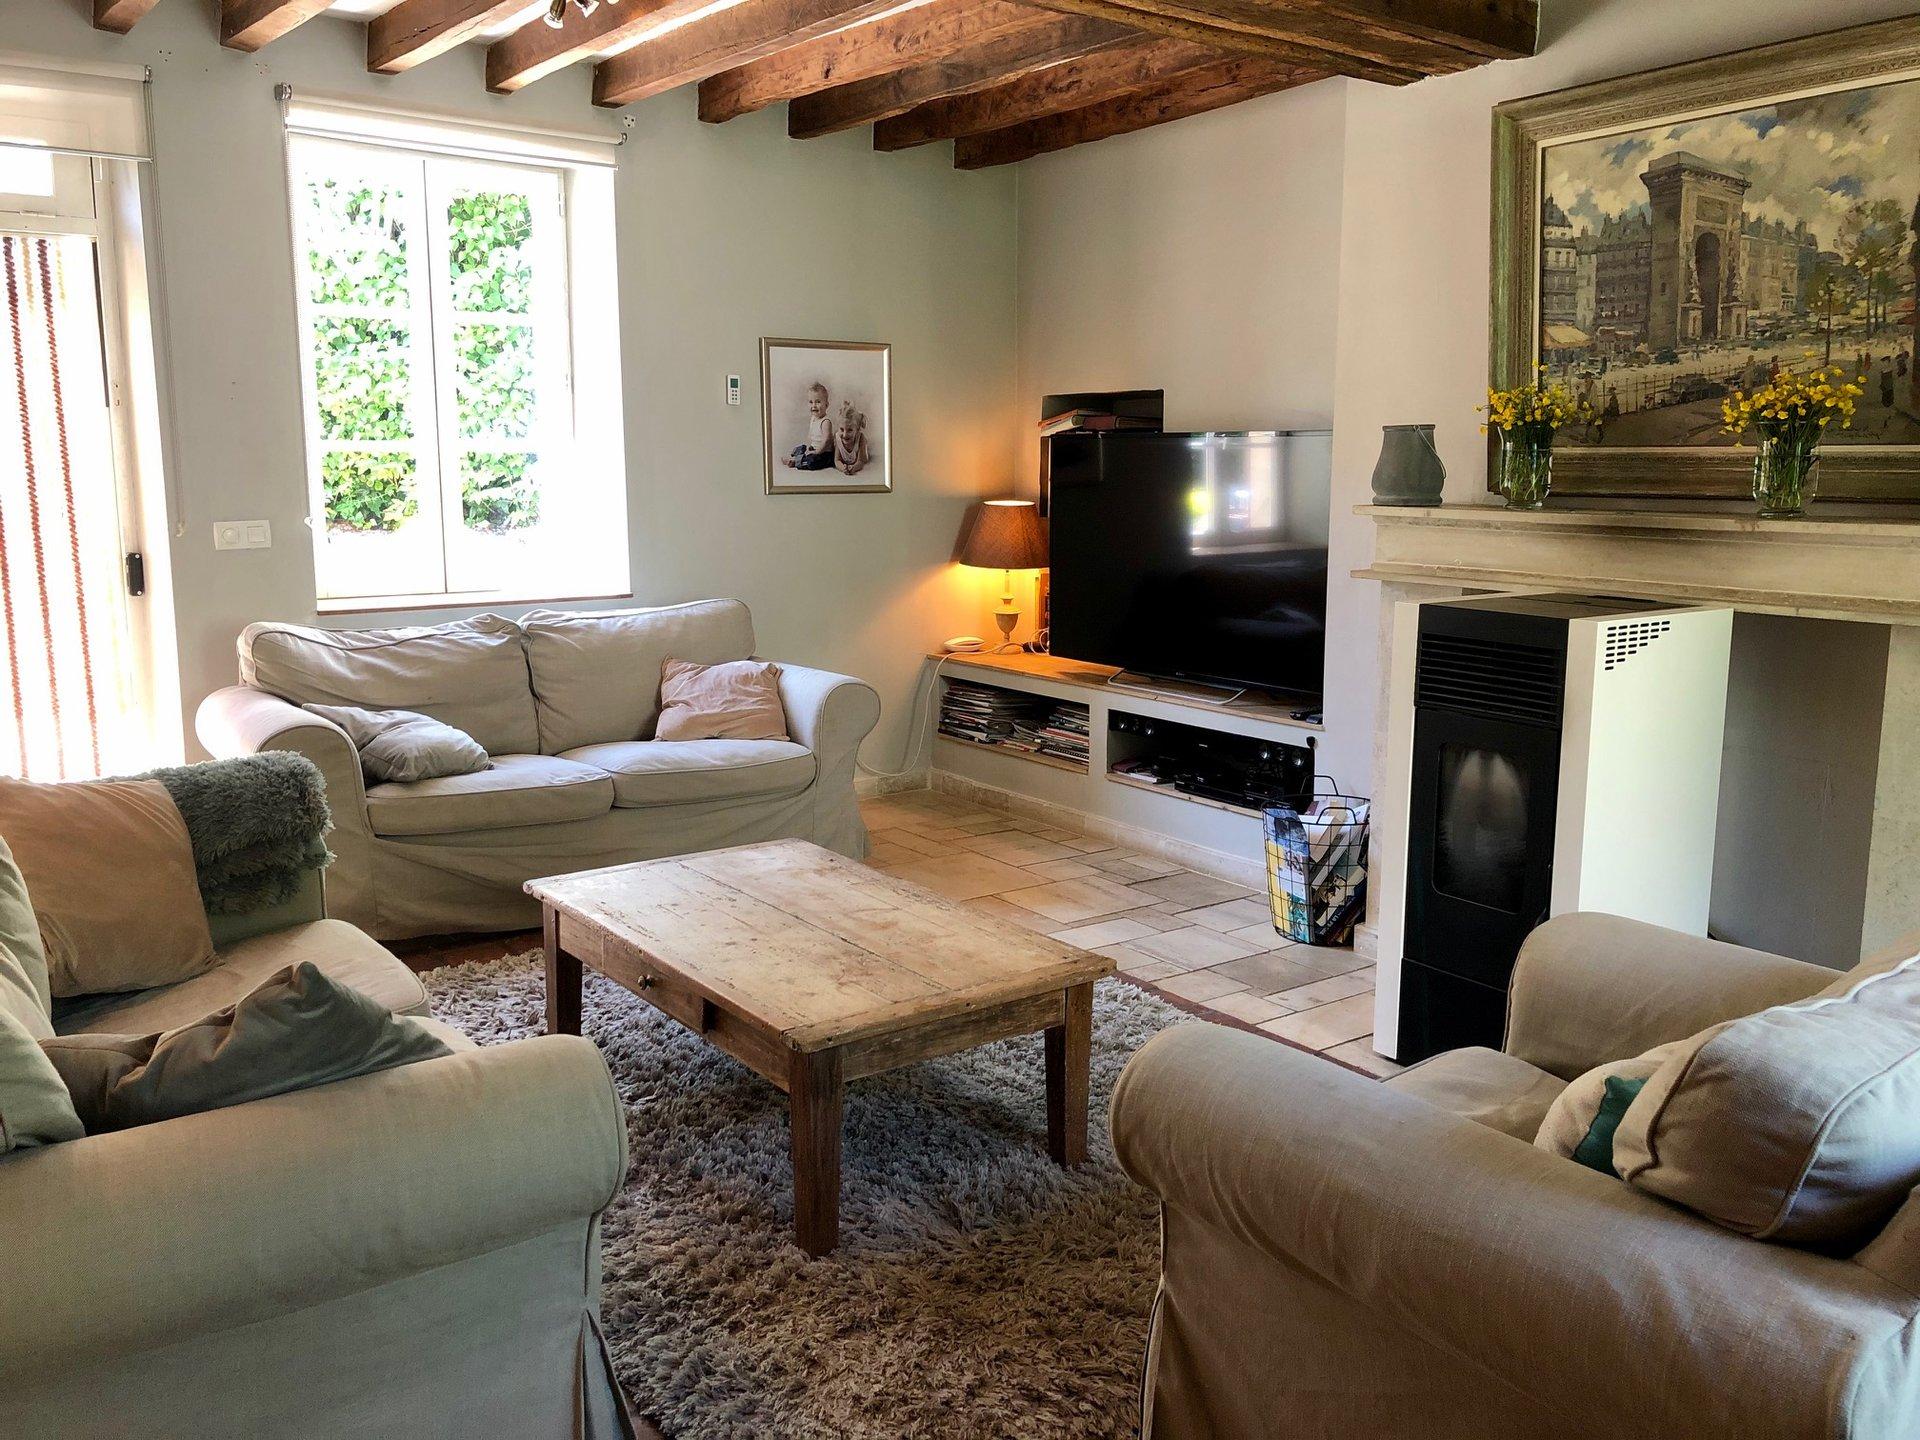 Bourgogne - Saint Sauveur - Lainsecq - À 2H15 de PARIS - Maison bourgeoise - Parc 2600 M2 - Piscine  - Cadre bucolique